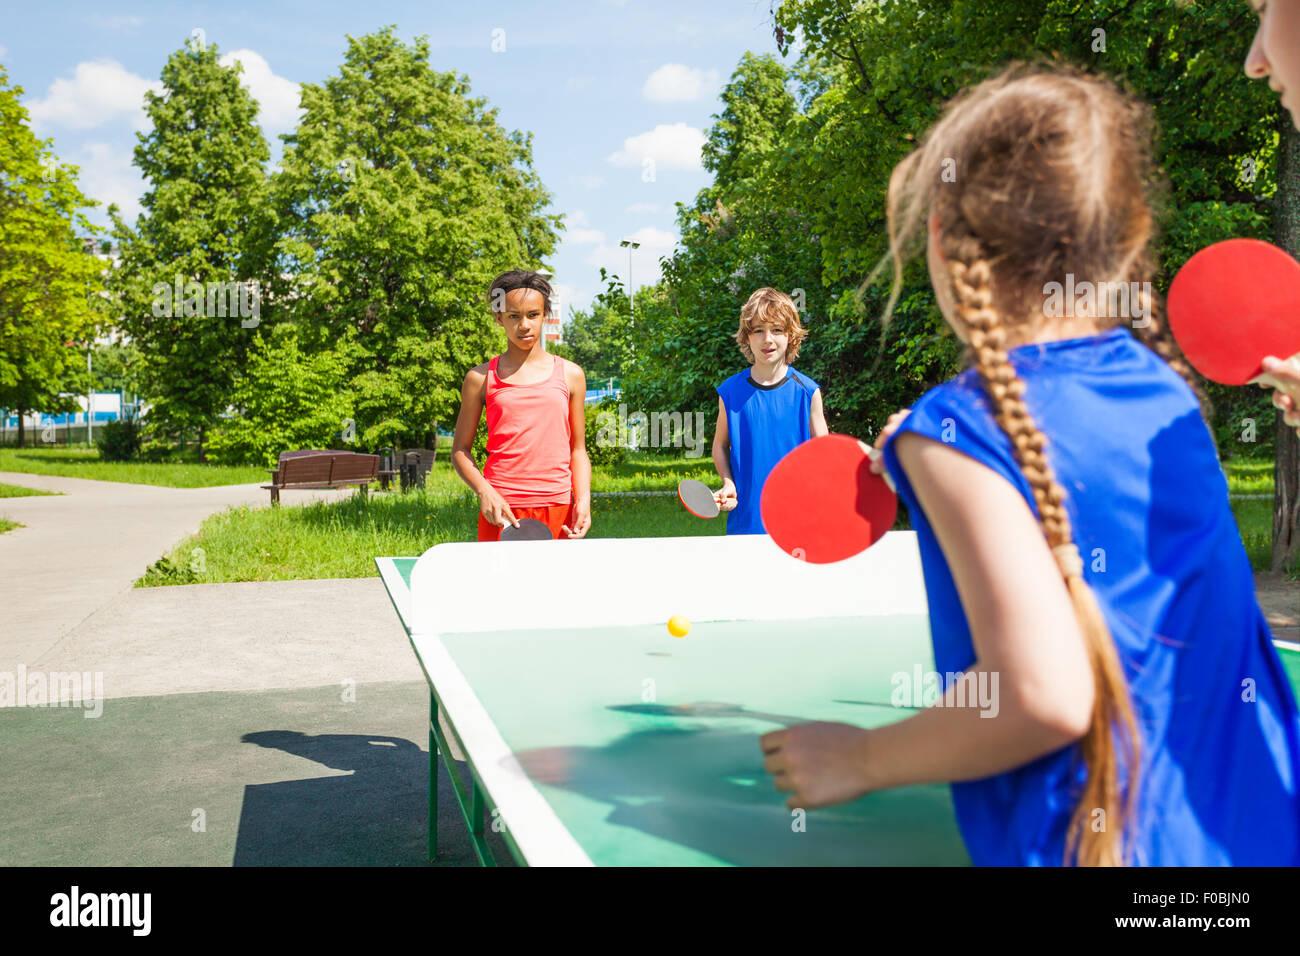 Cuatro amigos internacionales jugar al tenis de mesa Imagen De Stock